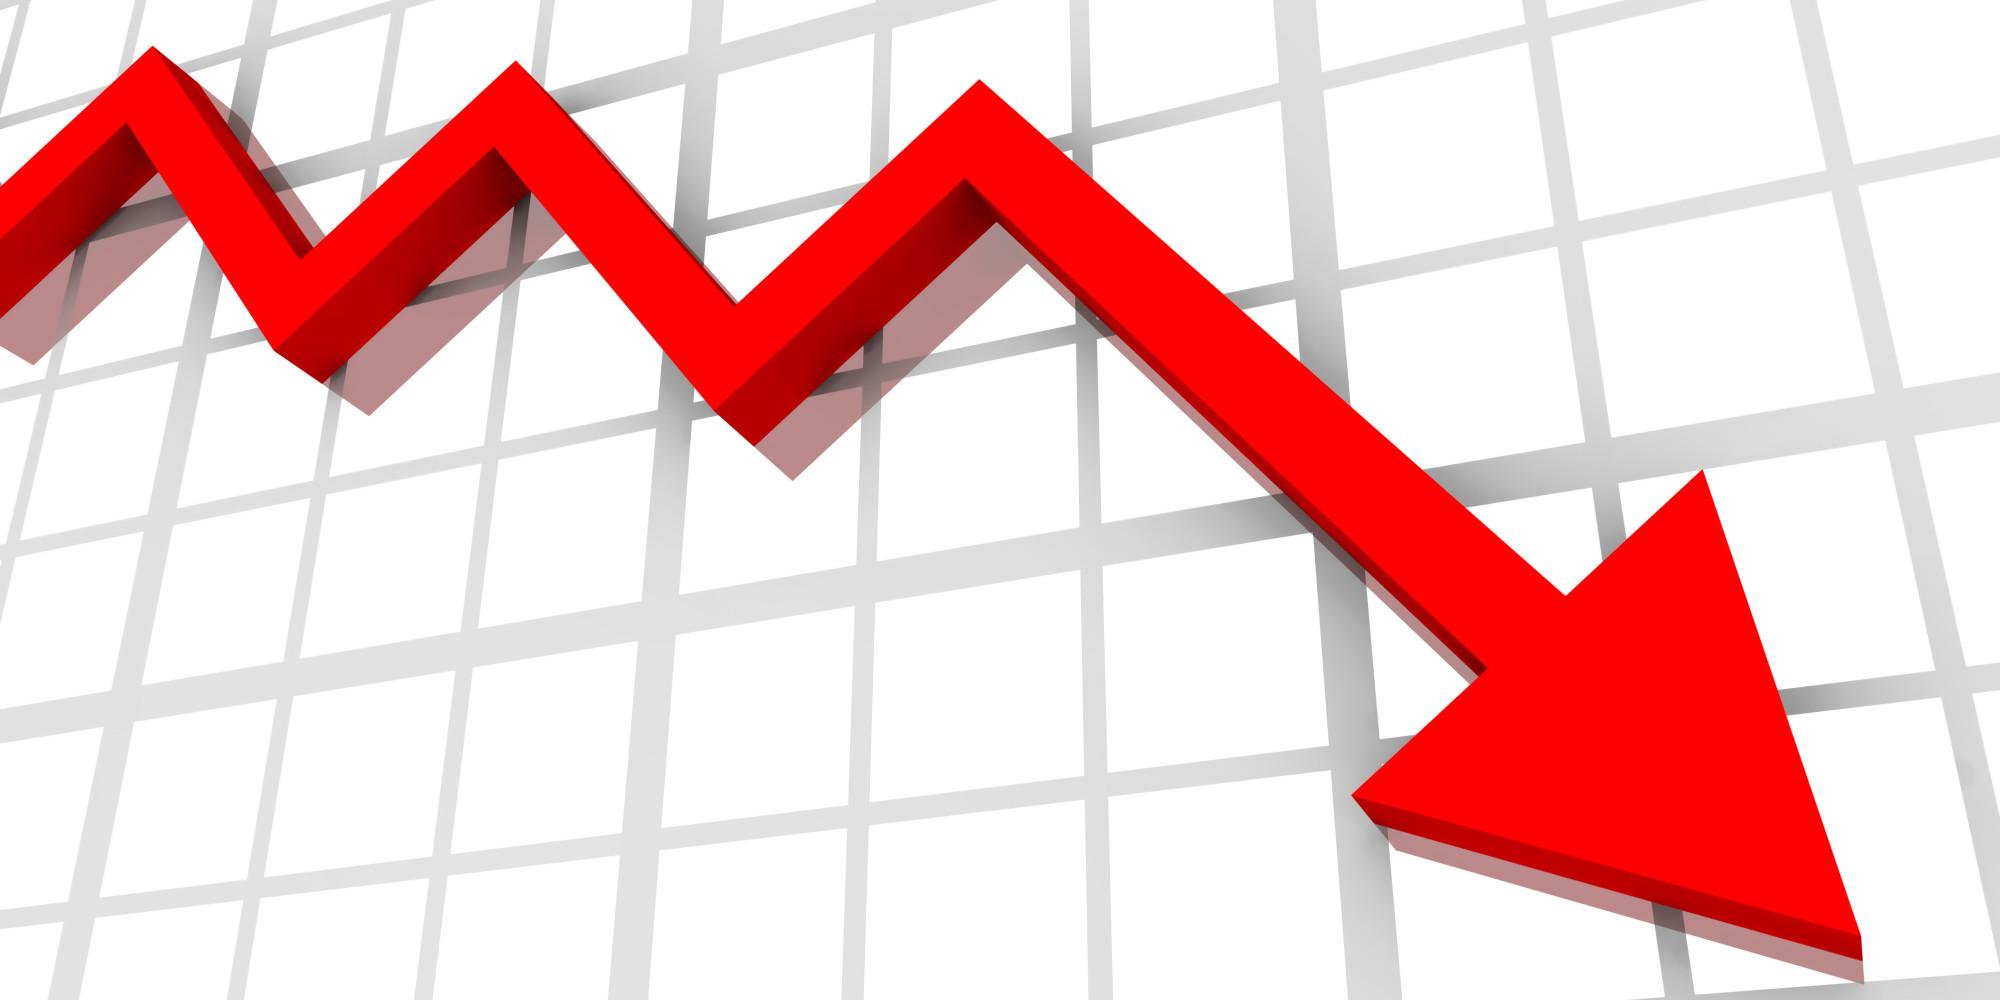 Consiliul Fiscal estimează în 2020 un deficit de 7,45% din PIB, pe baza scenariului macroeconomic asumat de Guvern